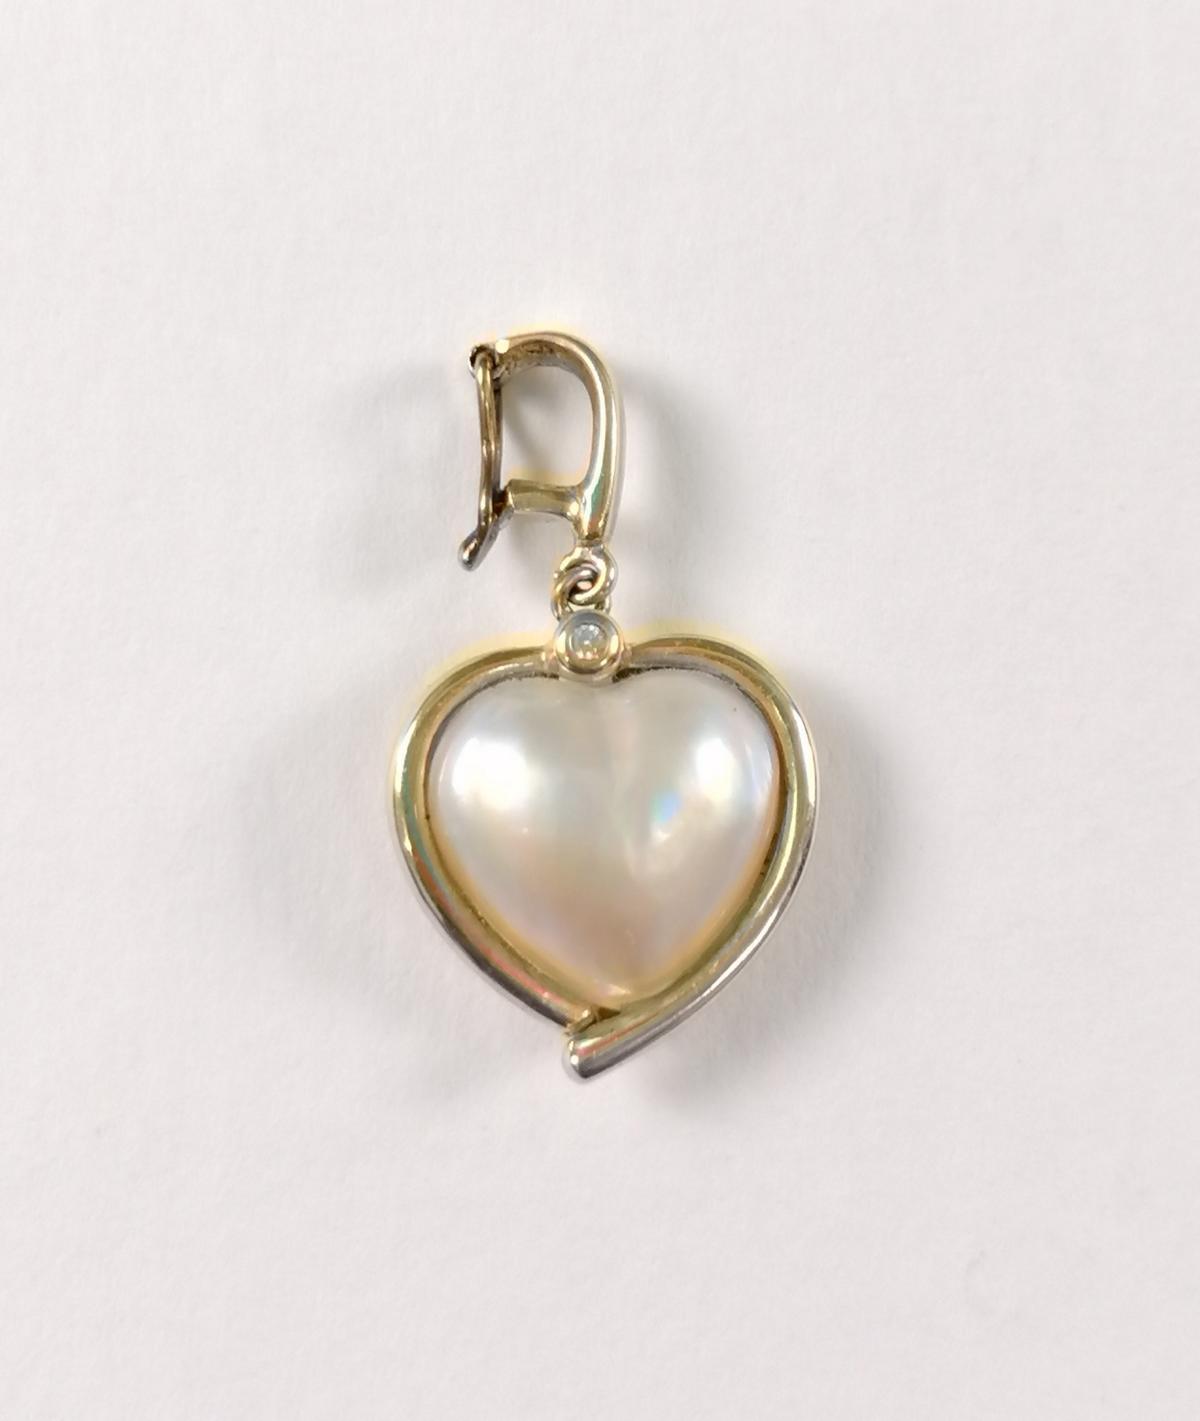 Anhänger in Herzform mit Mabé-Perle, 14 Karat Gelbgold